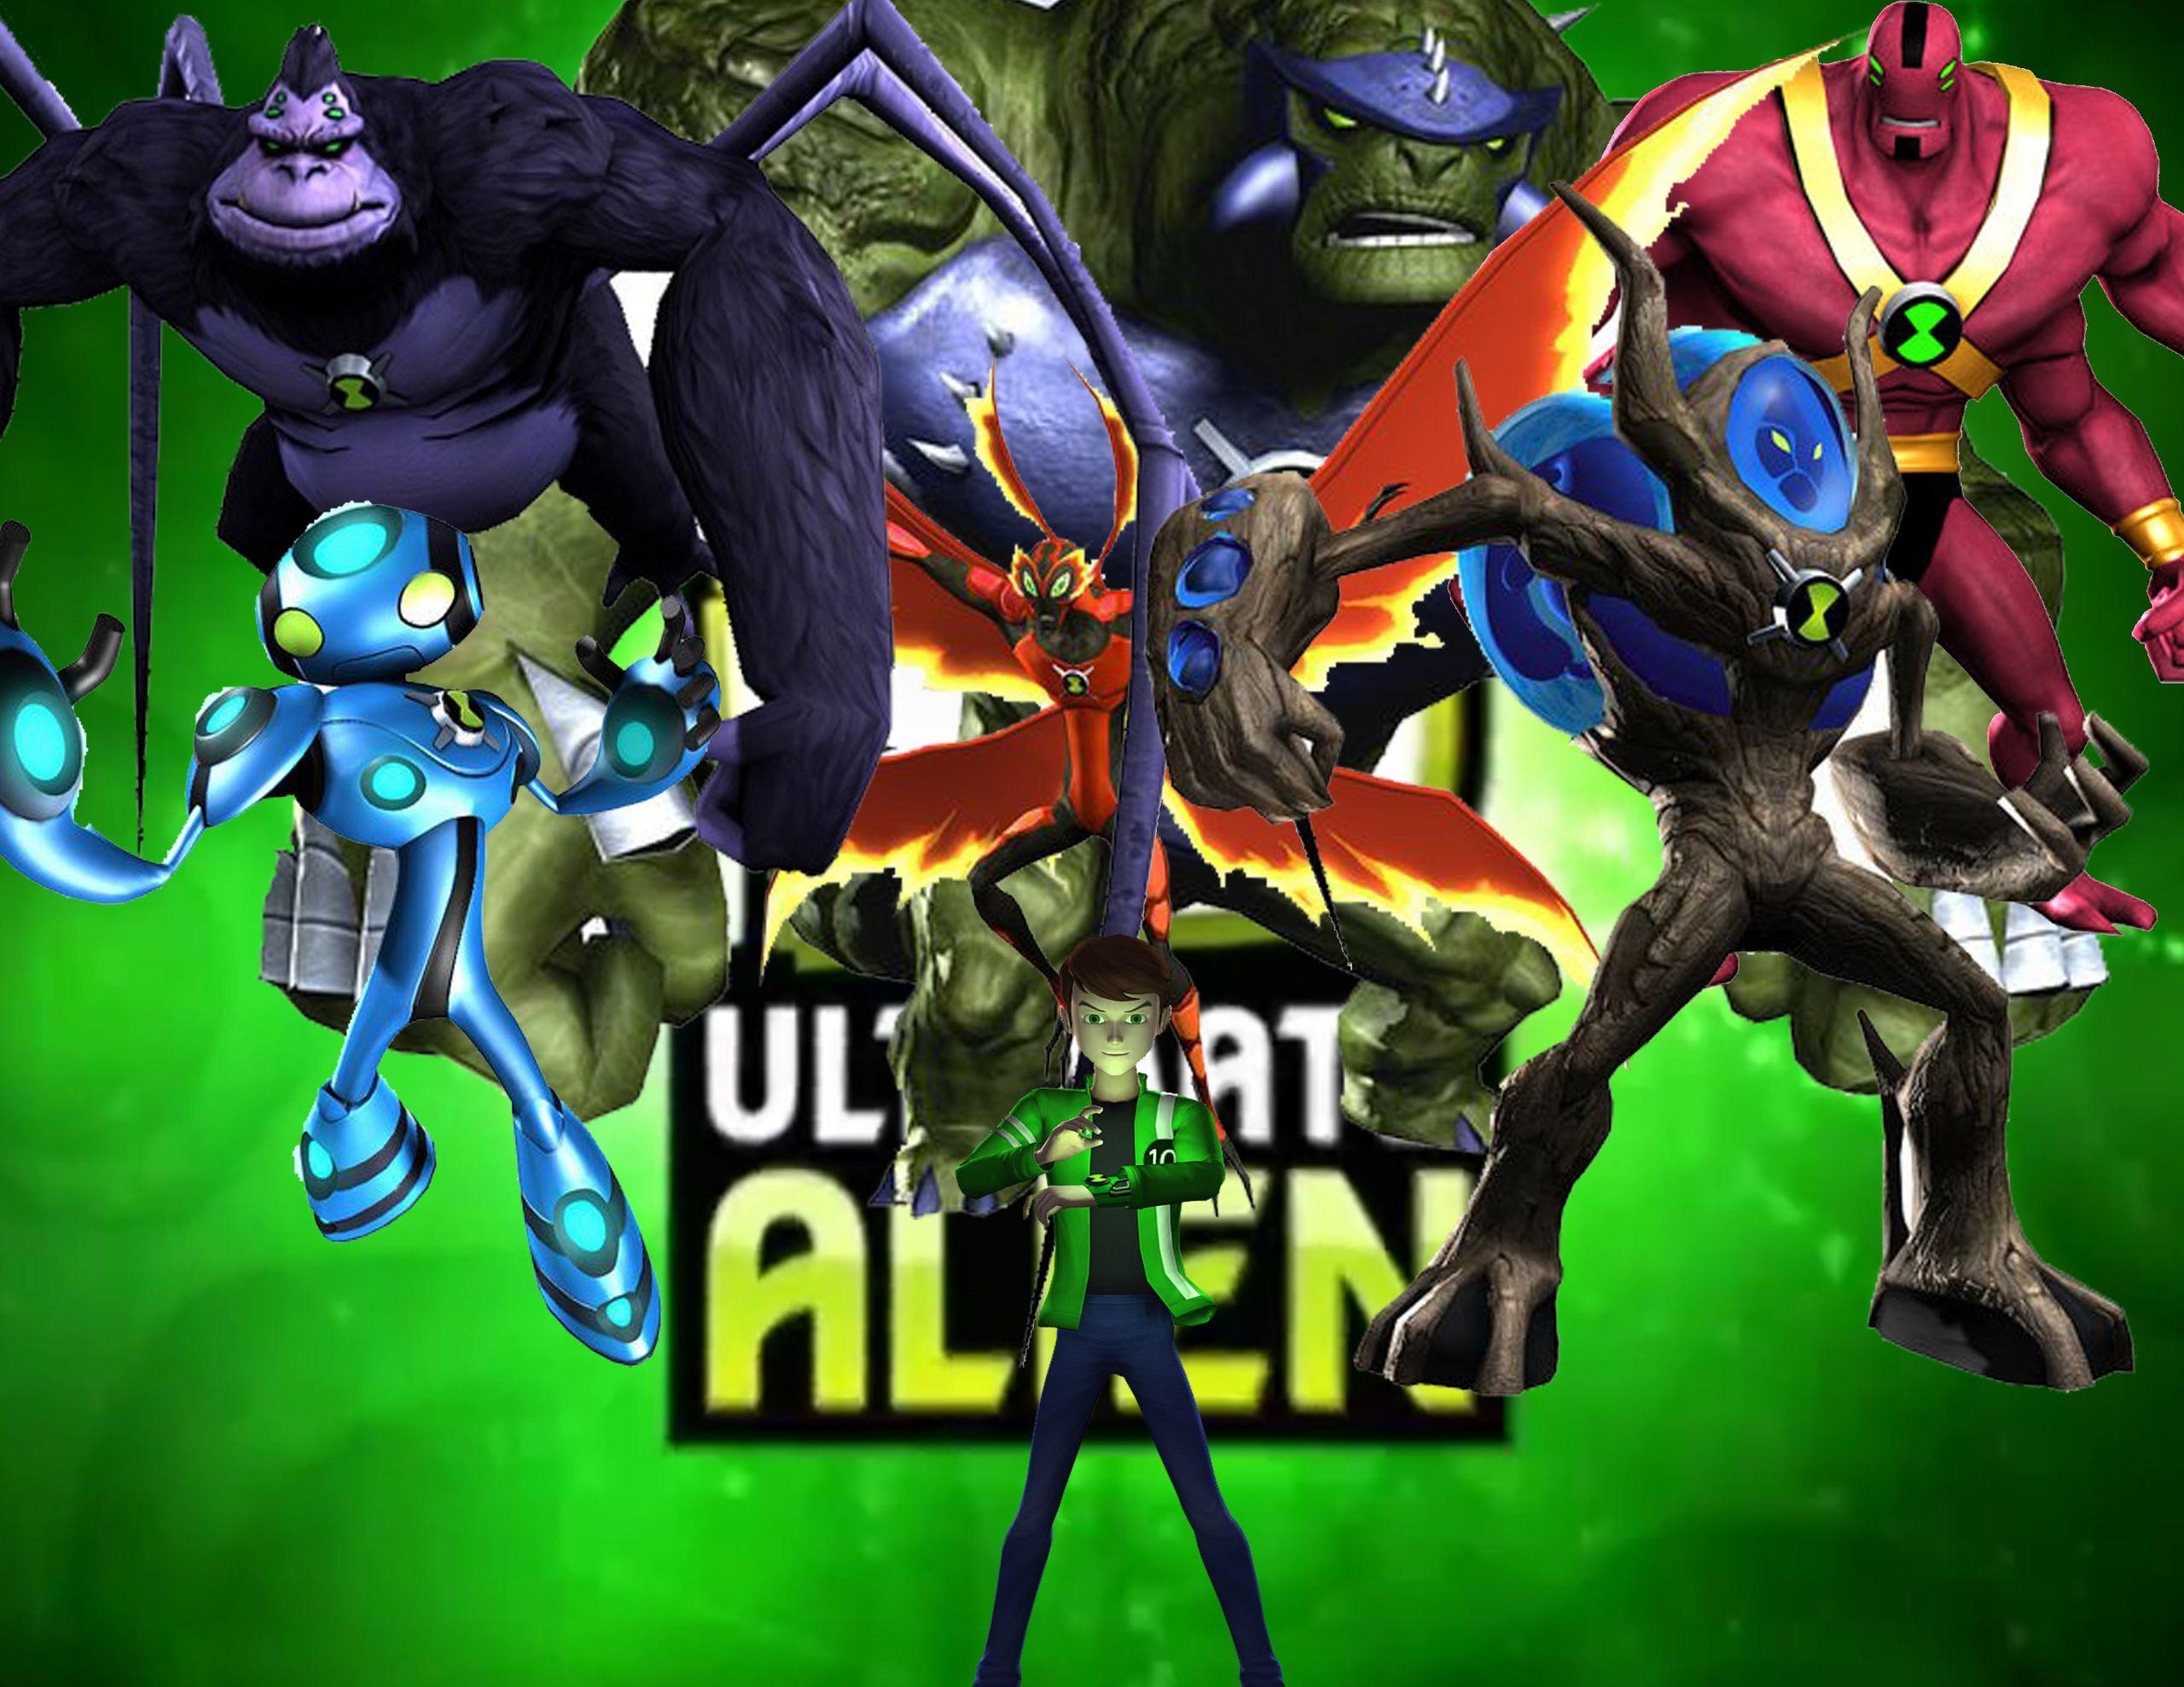 Http Agowww Fanpop Com Spots Ben 10 Ultimate Alien Images 21352269 Title Ben 10 Ultimate Alien Rbt Photo Ben 10 Ben 10 Ultimate Alien Cartoons Hd